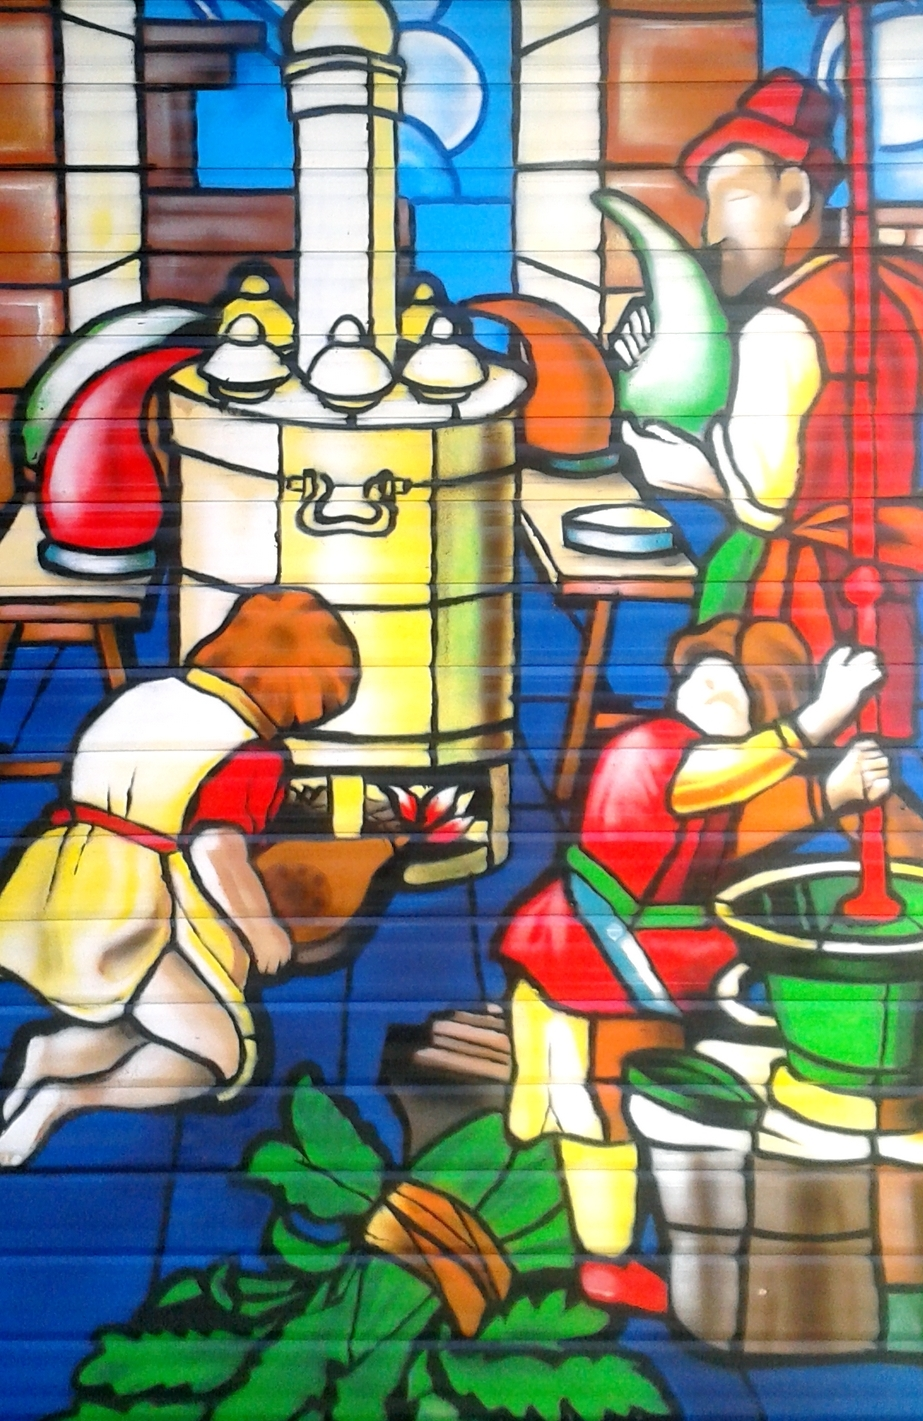 Le laboratoire, fresque graffiti à Quimper